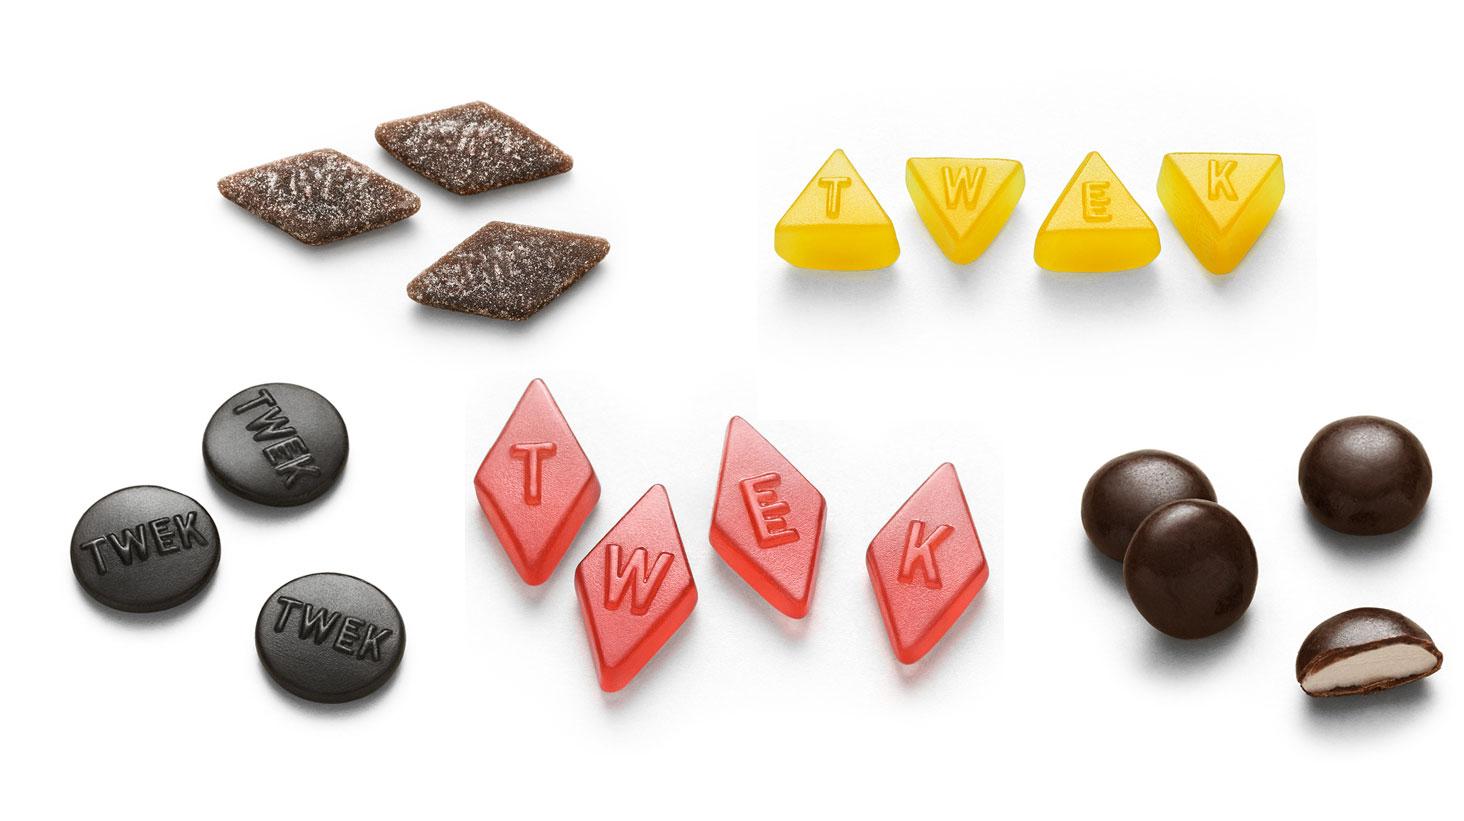 sockerfritt godis stockholm